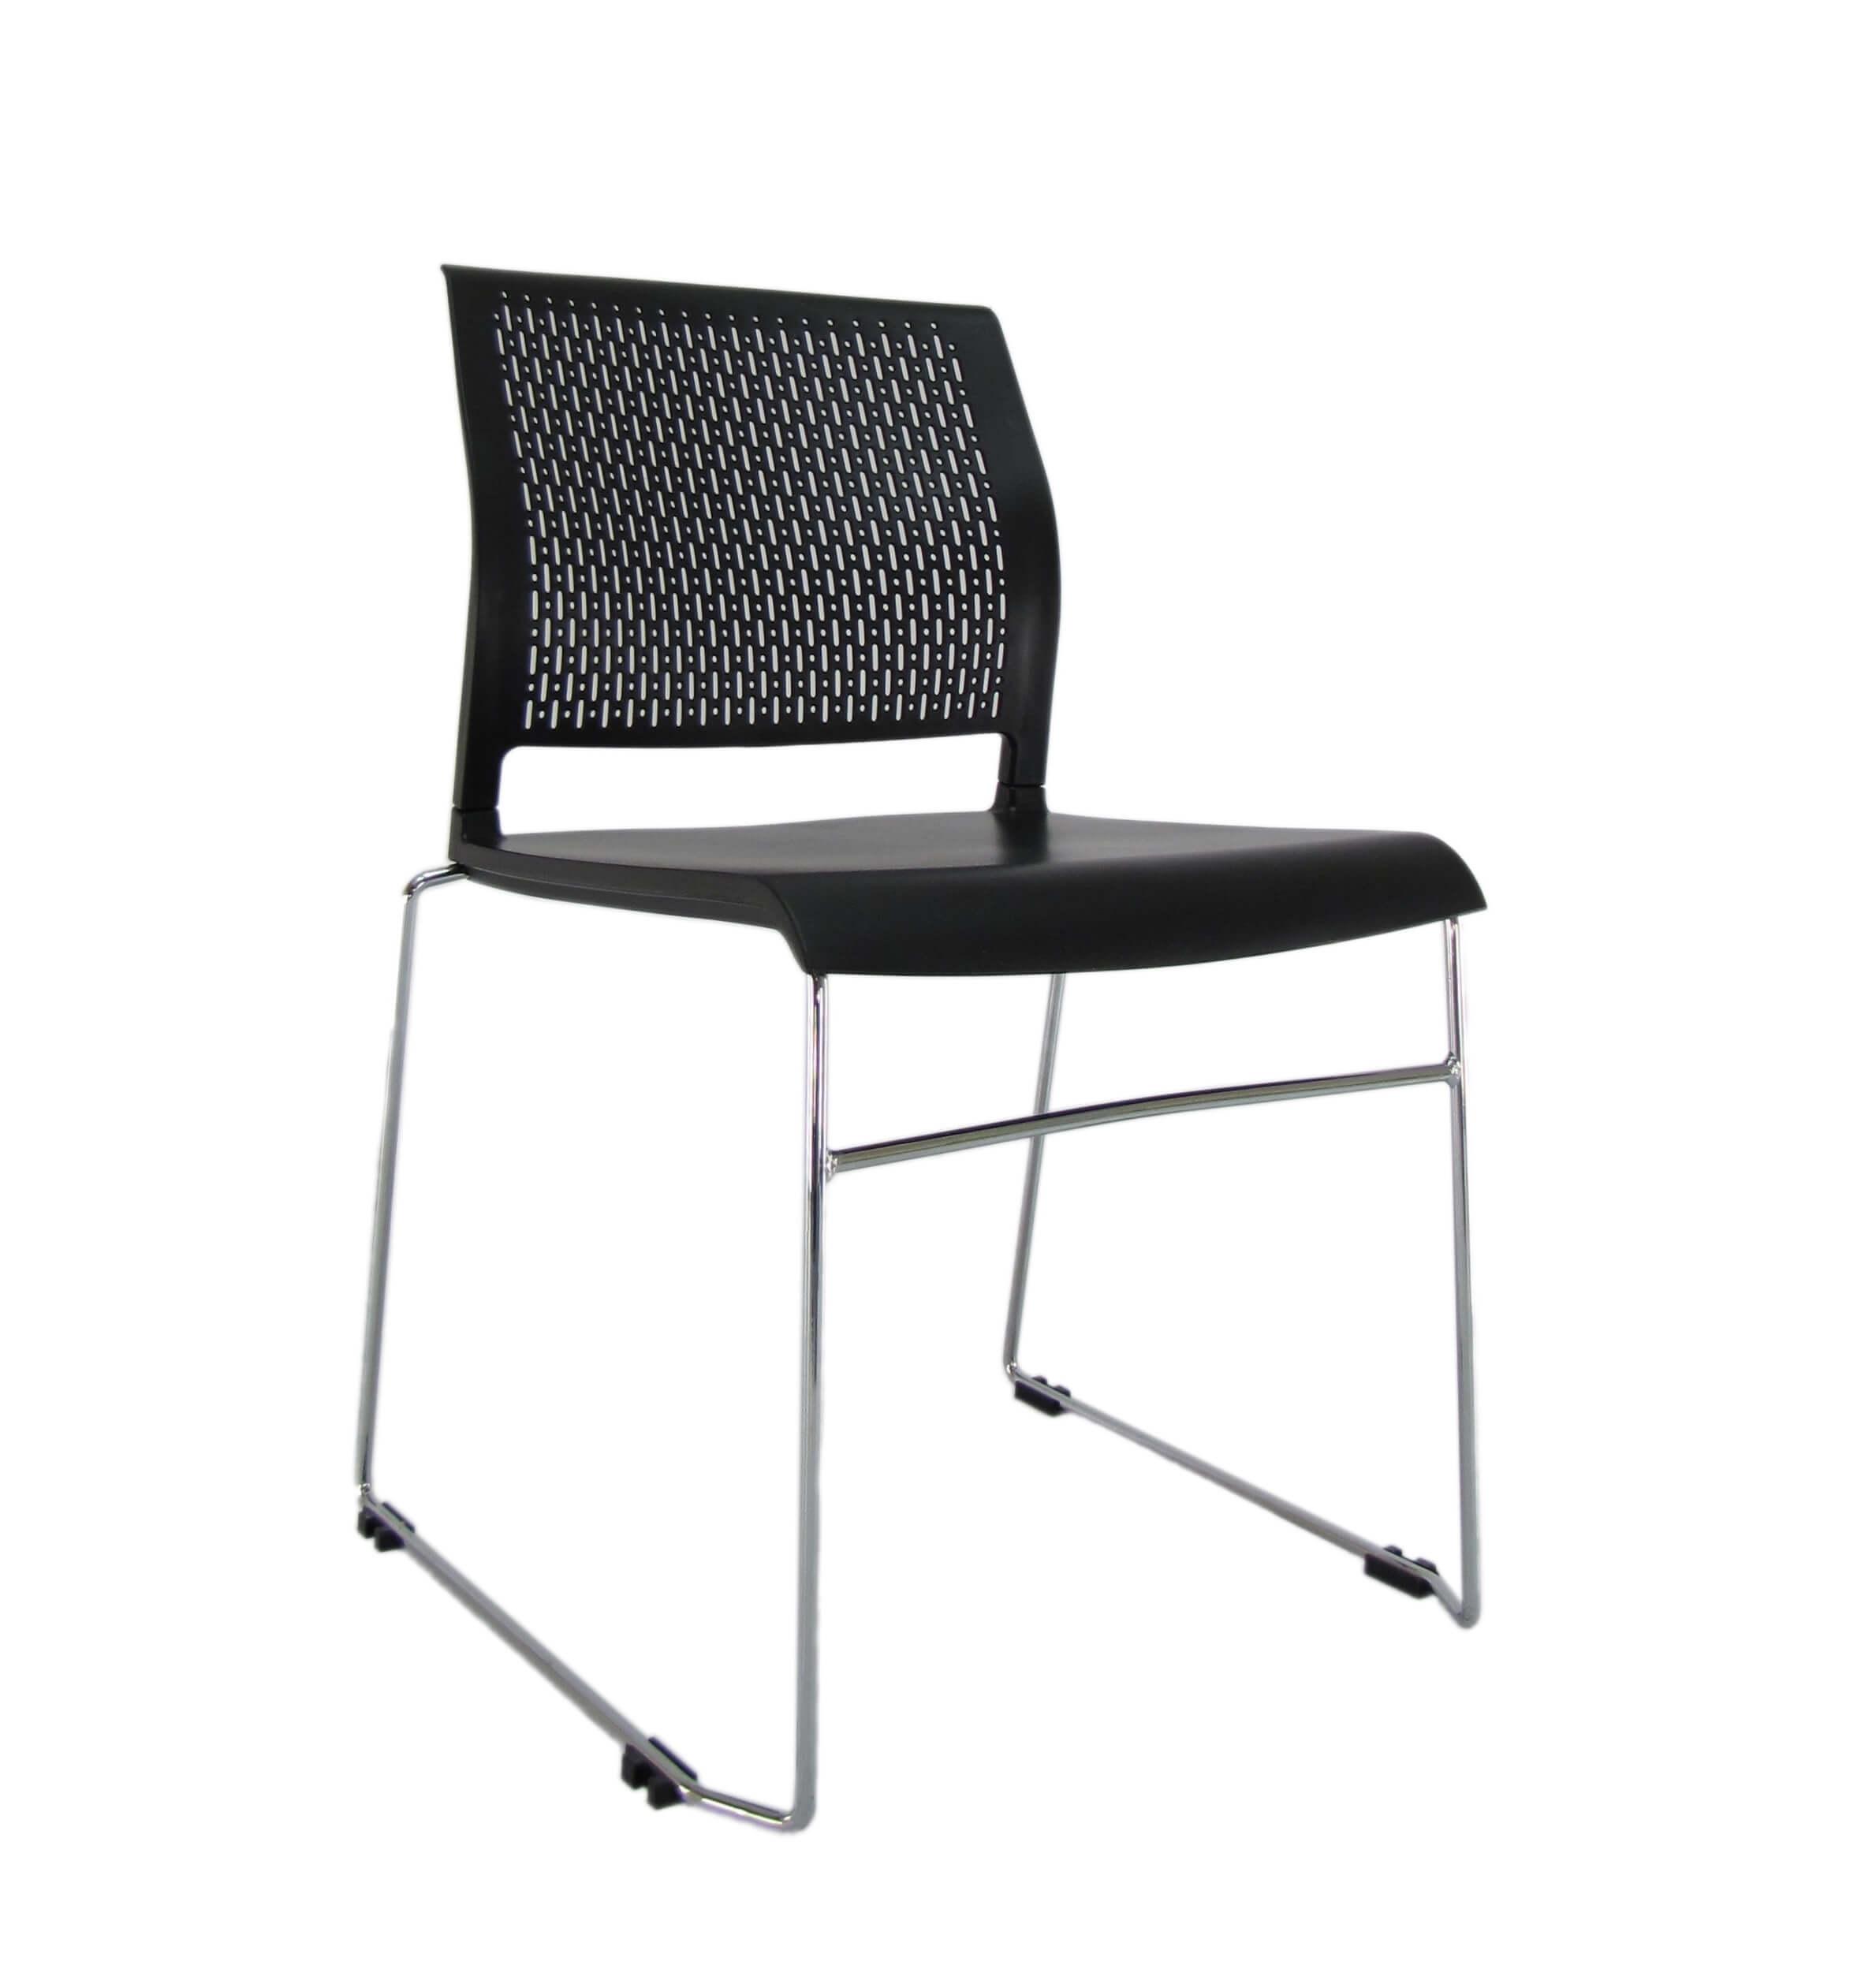 Konferencinė kėdė Oslo chrome su atlošu ir sėdyne iš plastiko.